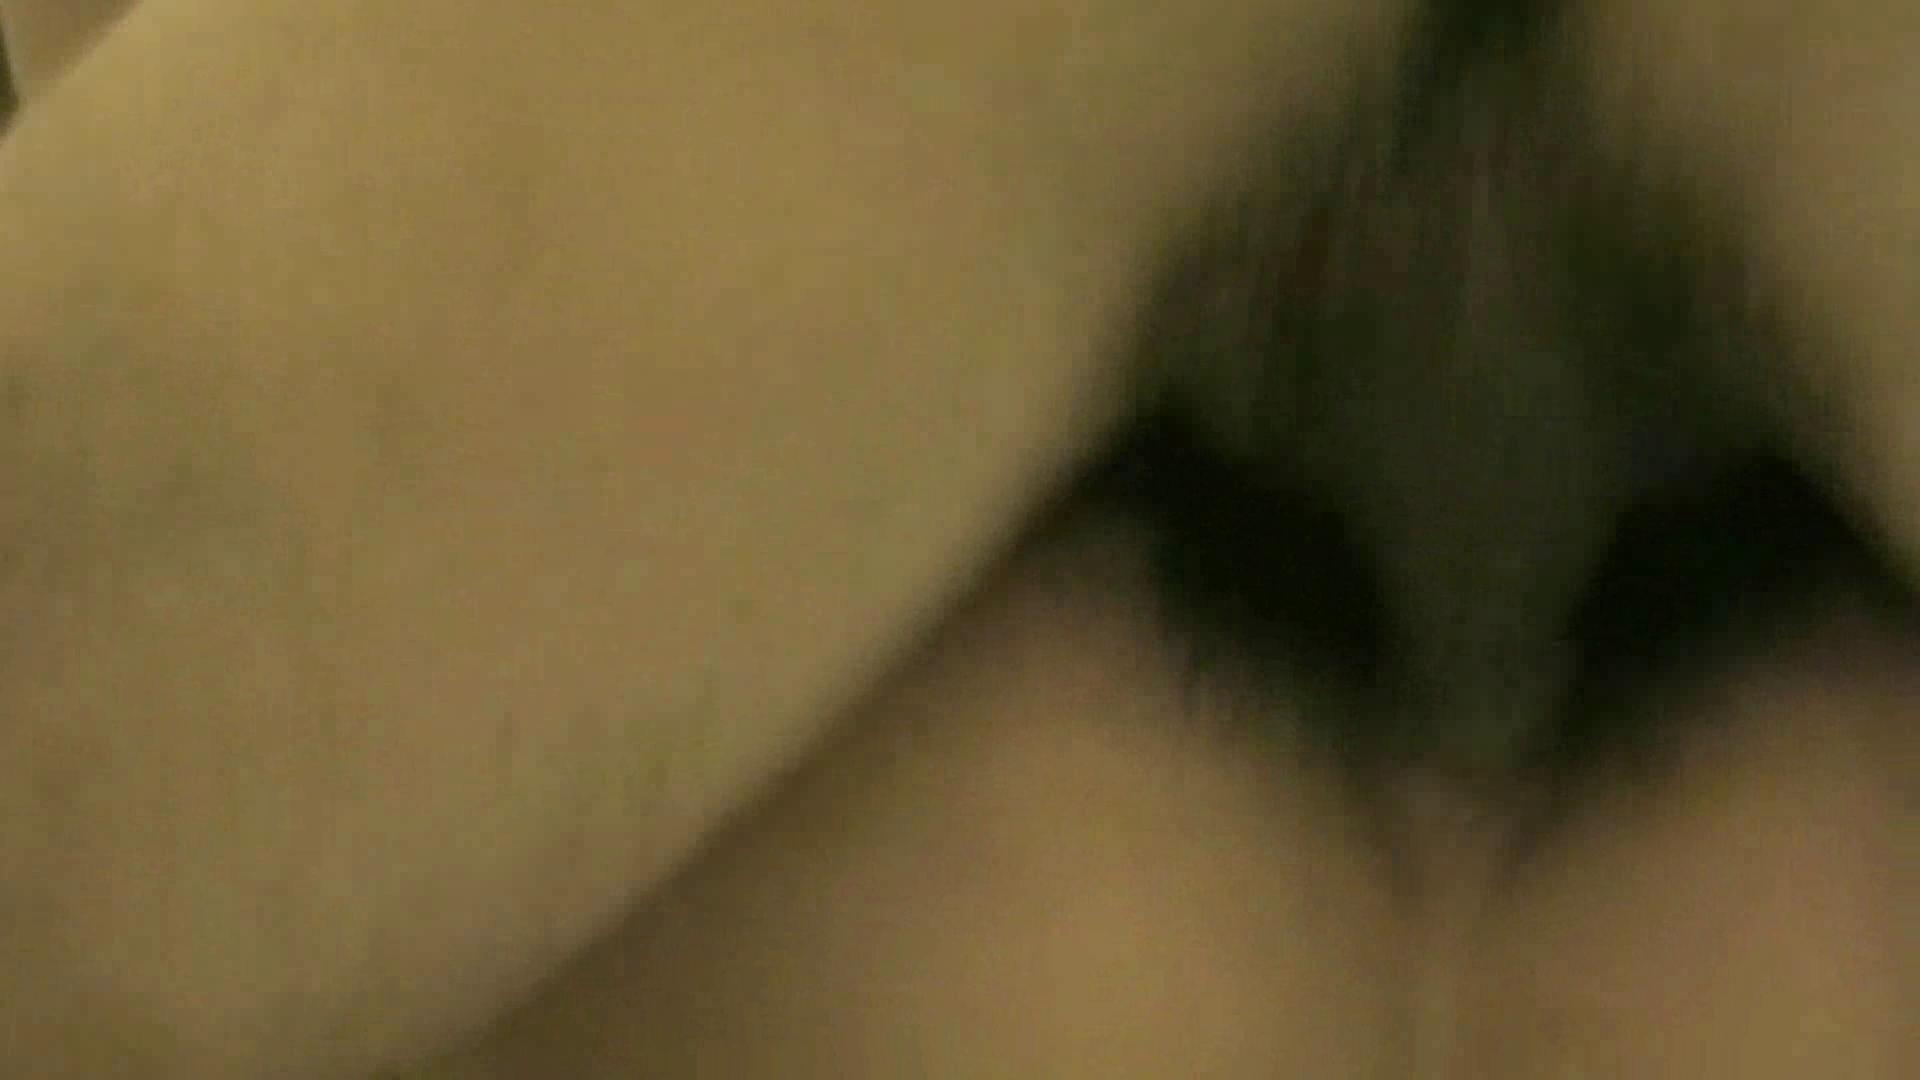 最愛の妻 TAKAKO 愛のSEX Vol.01 SEX映像   美しいOLの裸体  106pic 93